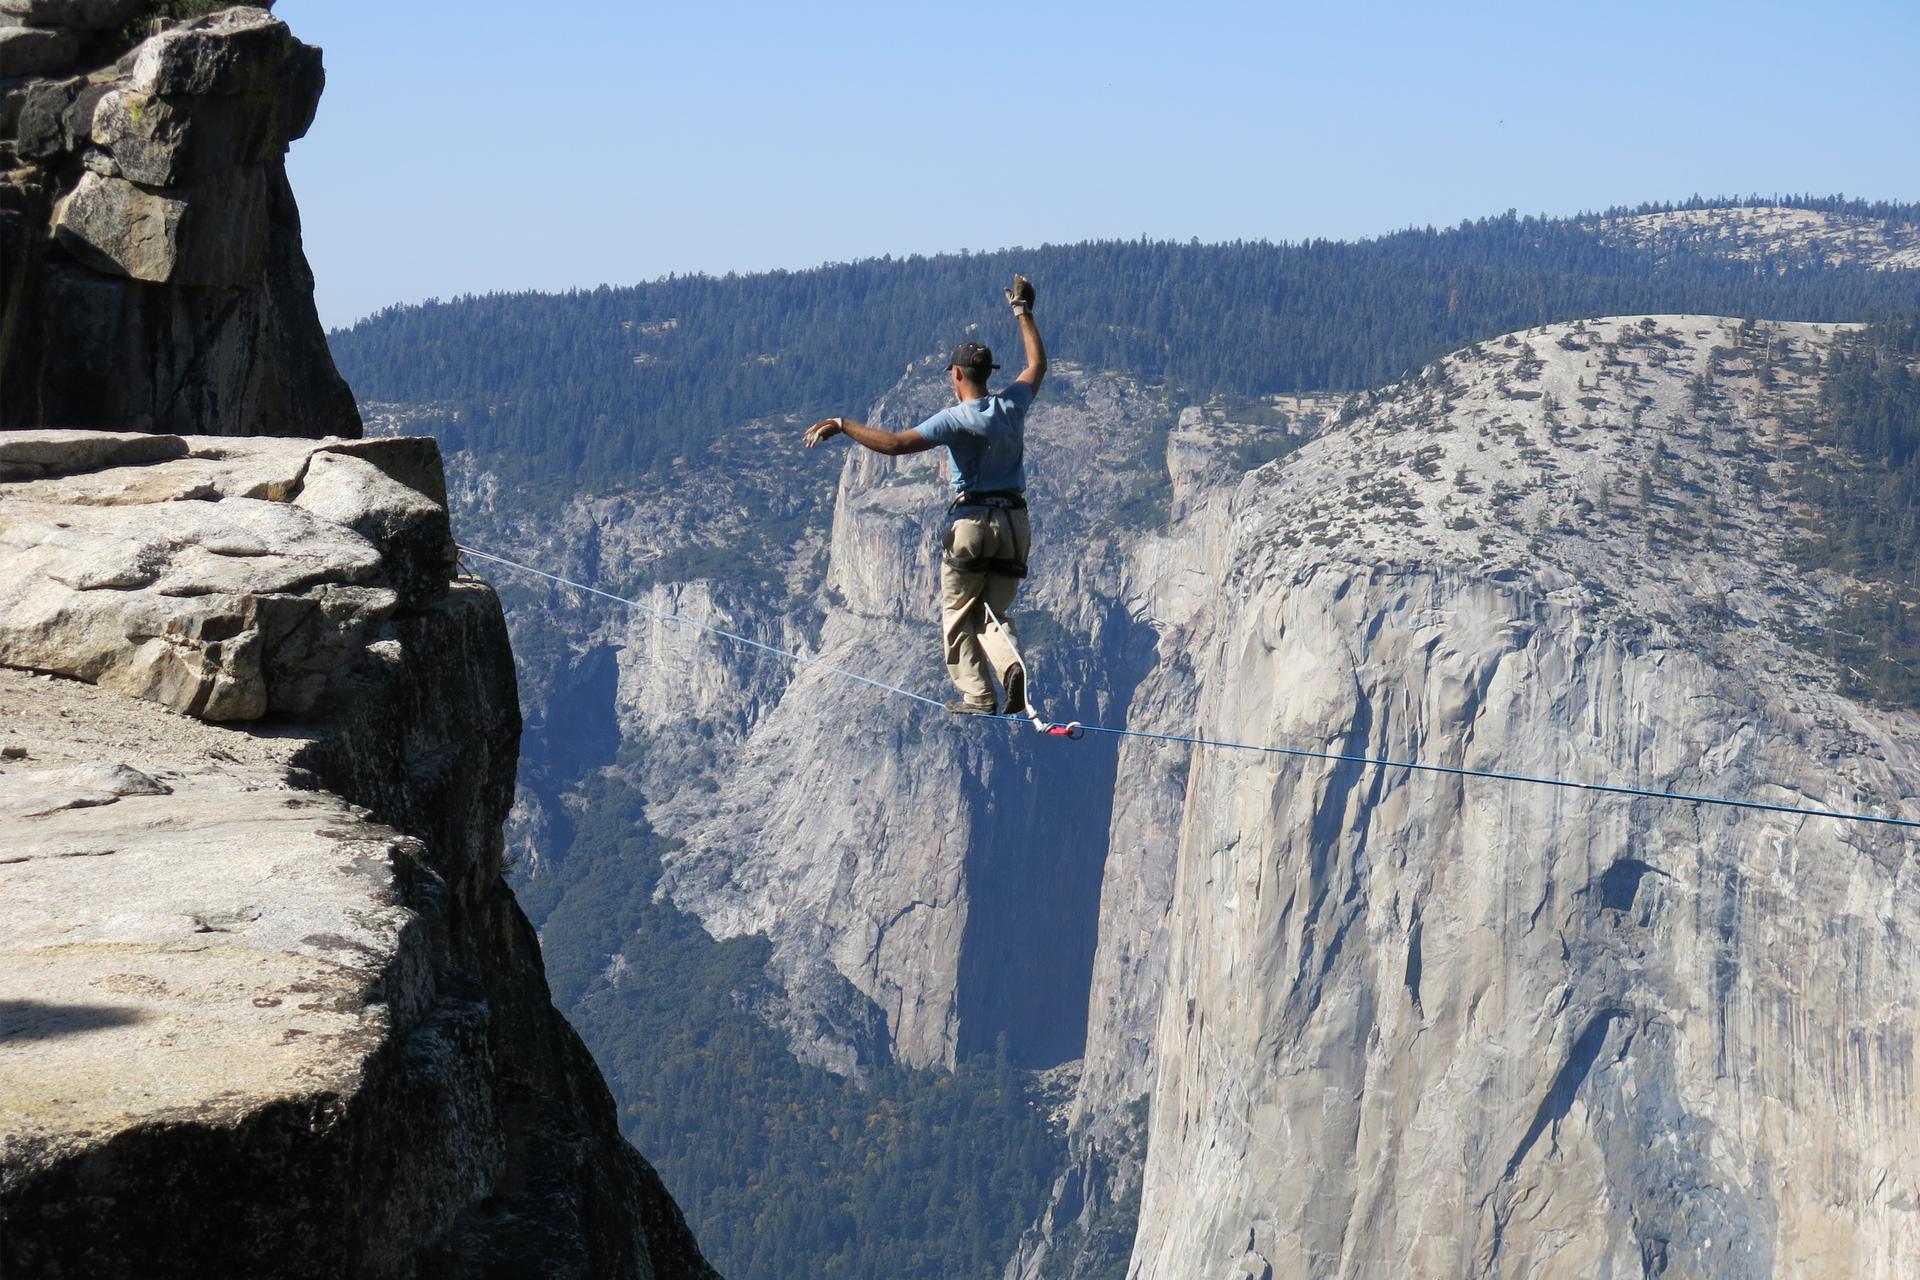 Fotografia przedstawia człowieka, idącego po linie nad przepaścią wgórach. Przy pomocy uniesionych rąk człowiek utrzymuje równowagę. Ma też linę zabezpieczającą.